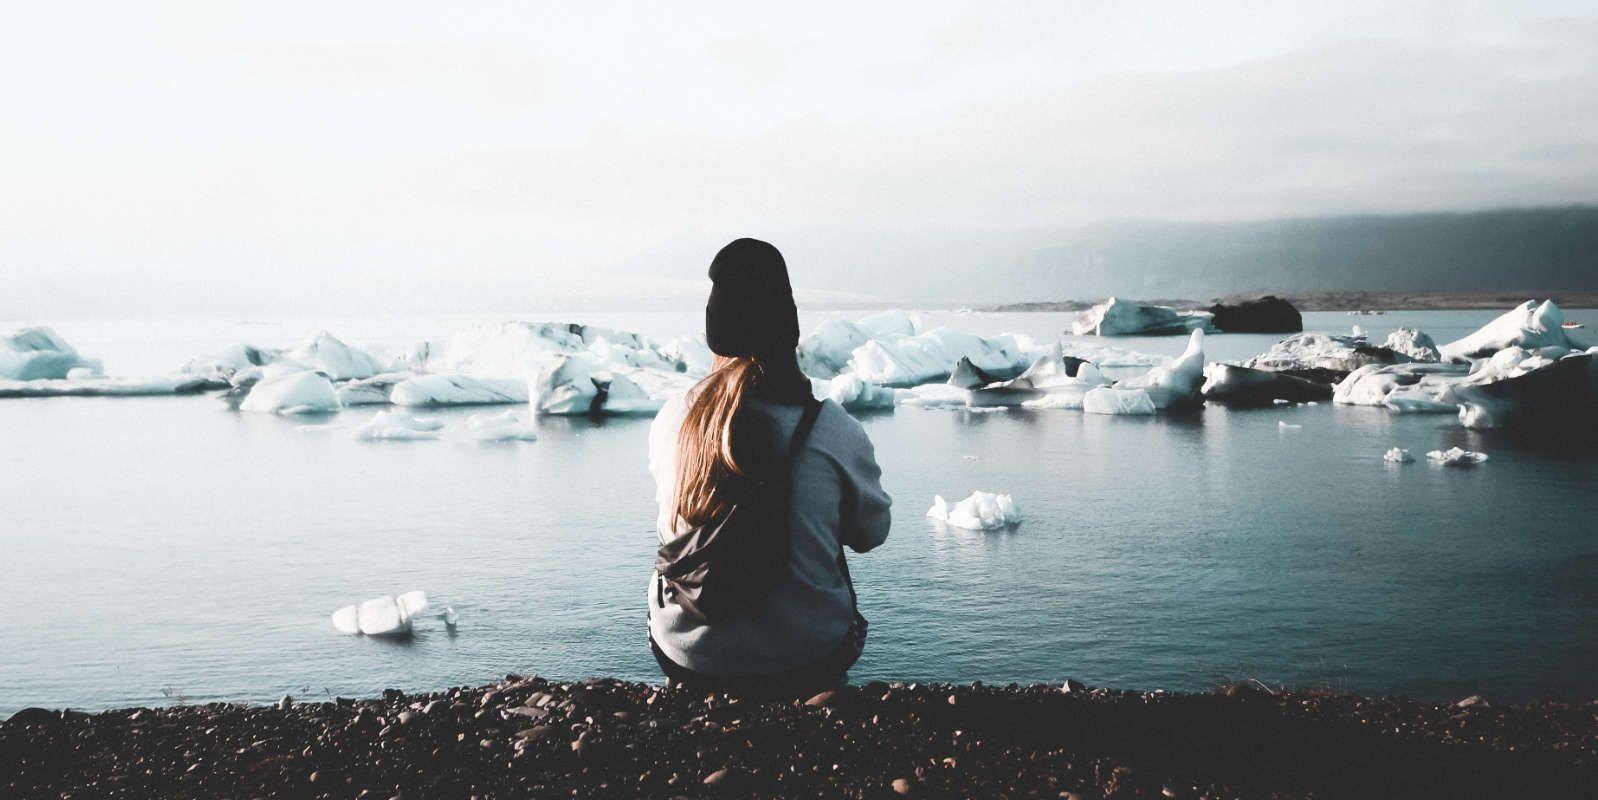 Chica sentada de espaldas mirando el mar con bloques de hielo